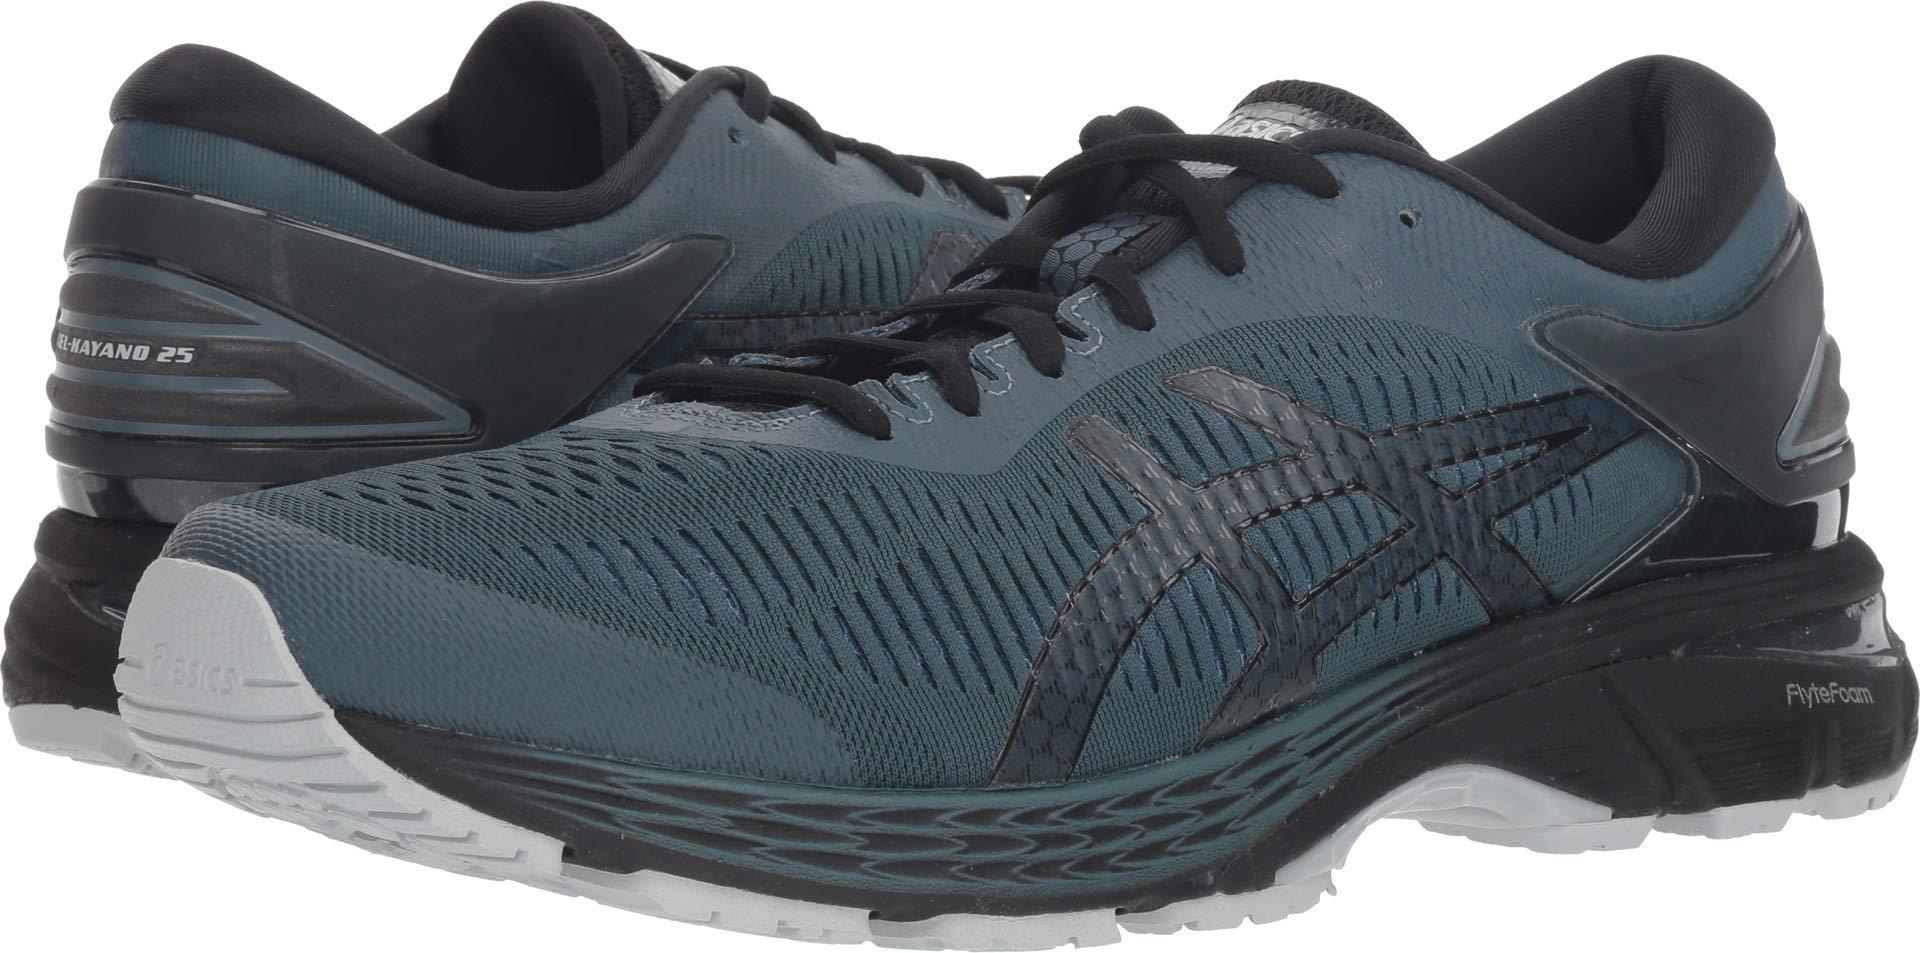 ASICS Men's Gel-Kayano 25 Running Shoe, Ironclad/Black, 10 D(M) US